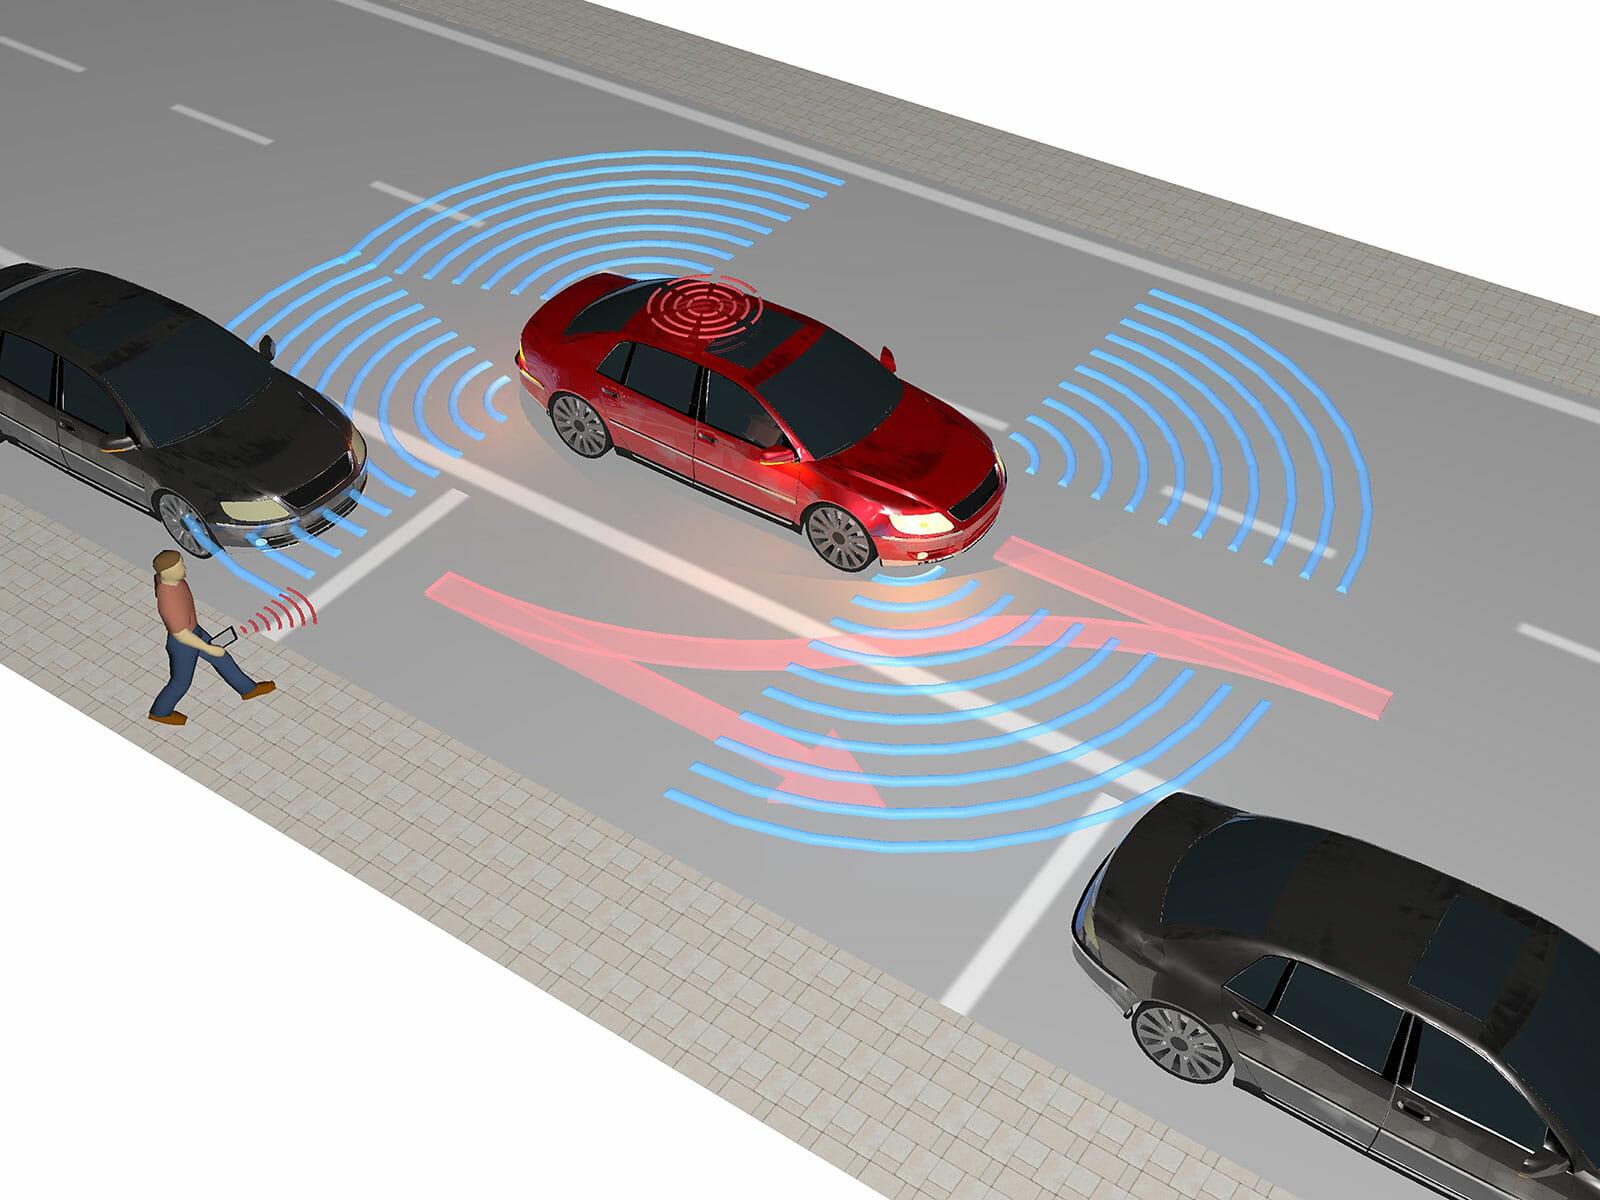 Autonomes Fahrzeug im Carsharing-Betrieb: Nachdem der Mieter das Auto angefordert hat, navigiert es selbstständig zum Abholbereich.